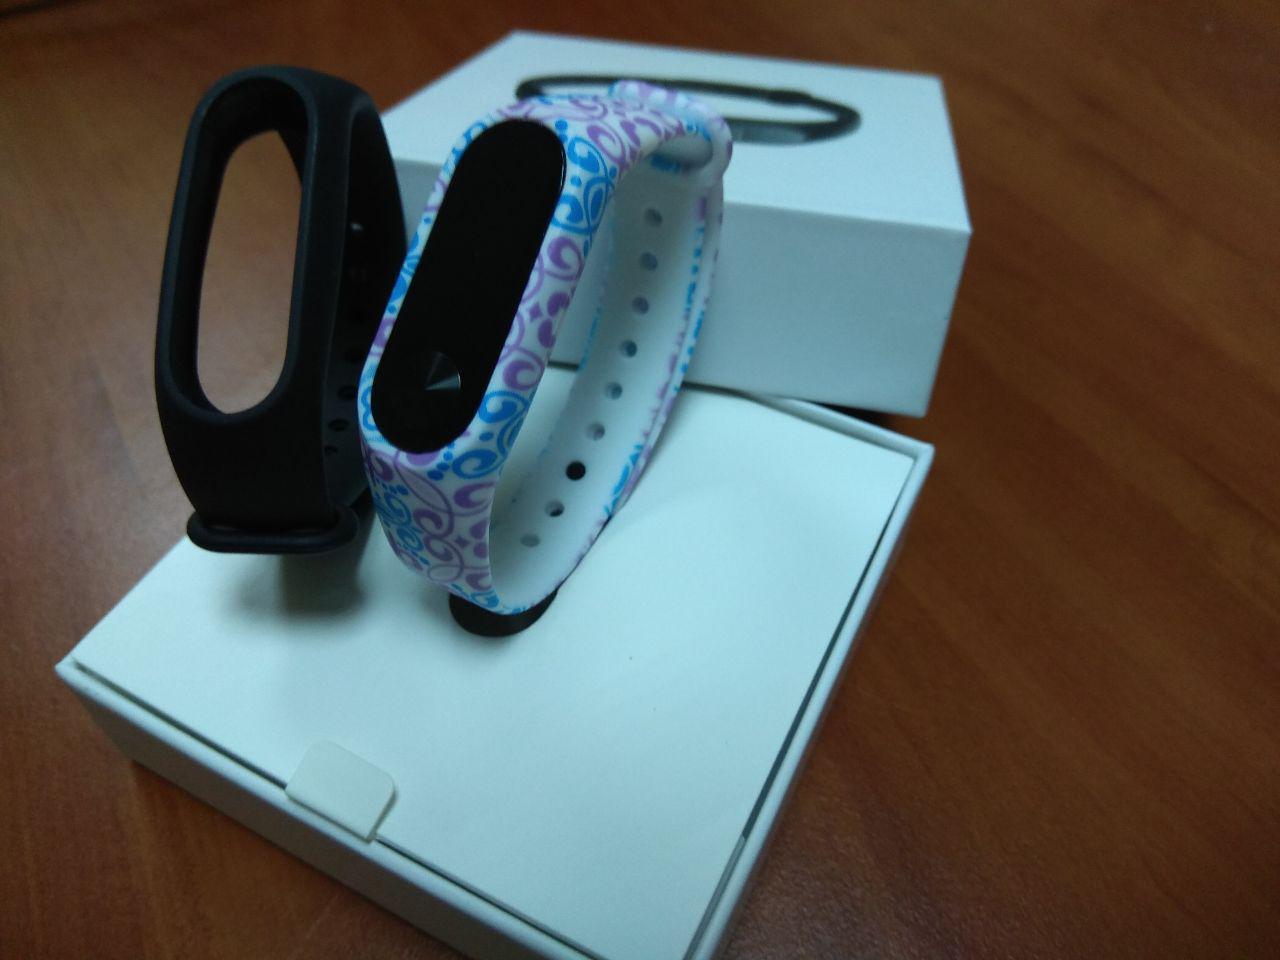 Фитнес-браслет Xiaomi Mi Band 2 (Black) ОРИГИНАЛ + ремешок (Mix color 3) Гарантия 3 месяца